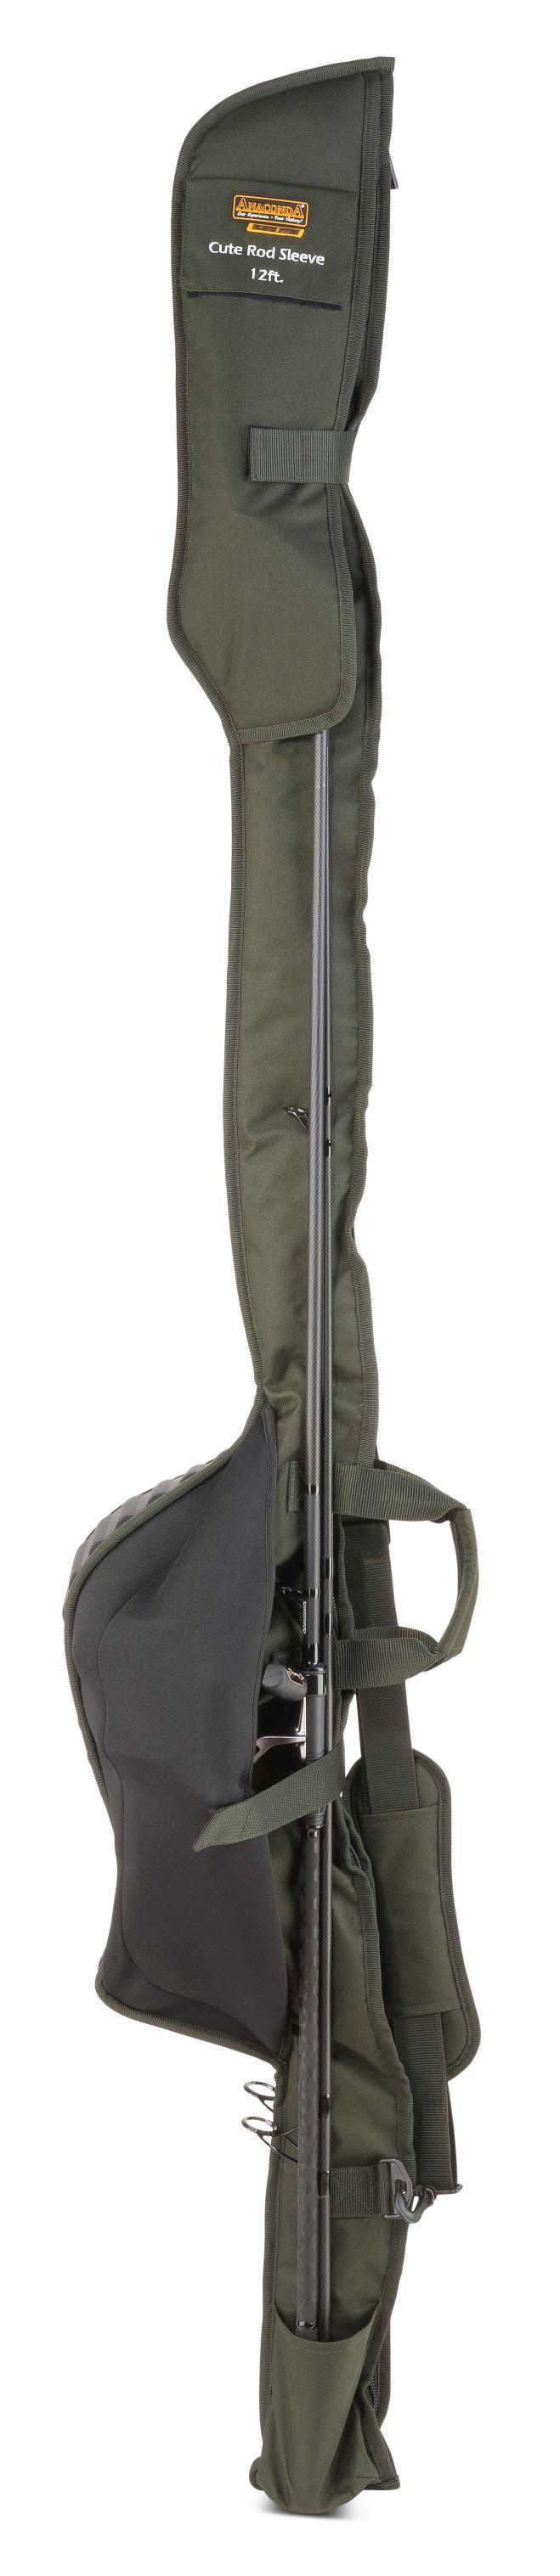 Pouzdro na pruty Anaconda Cute Rod Sleeve 10-13ft varianta: 10ft